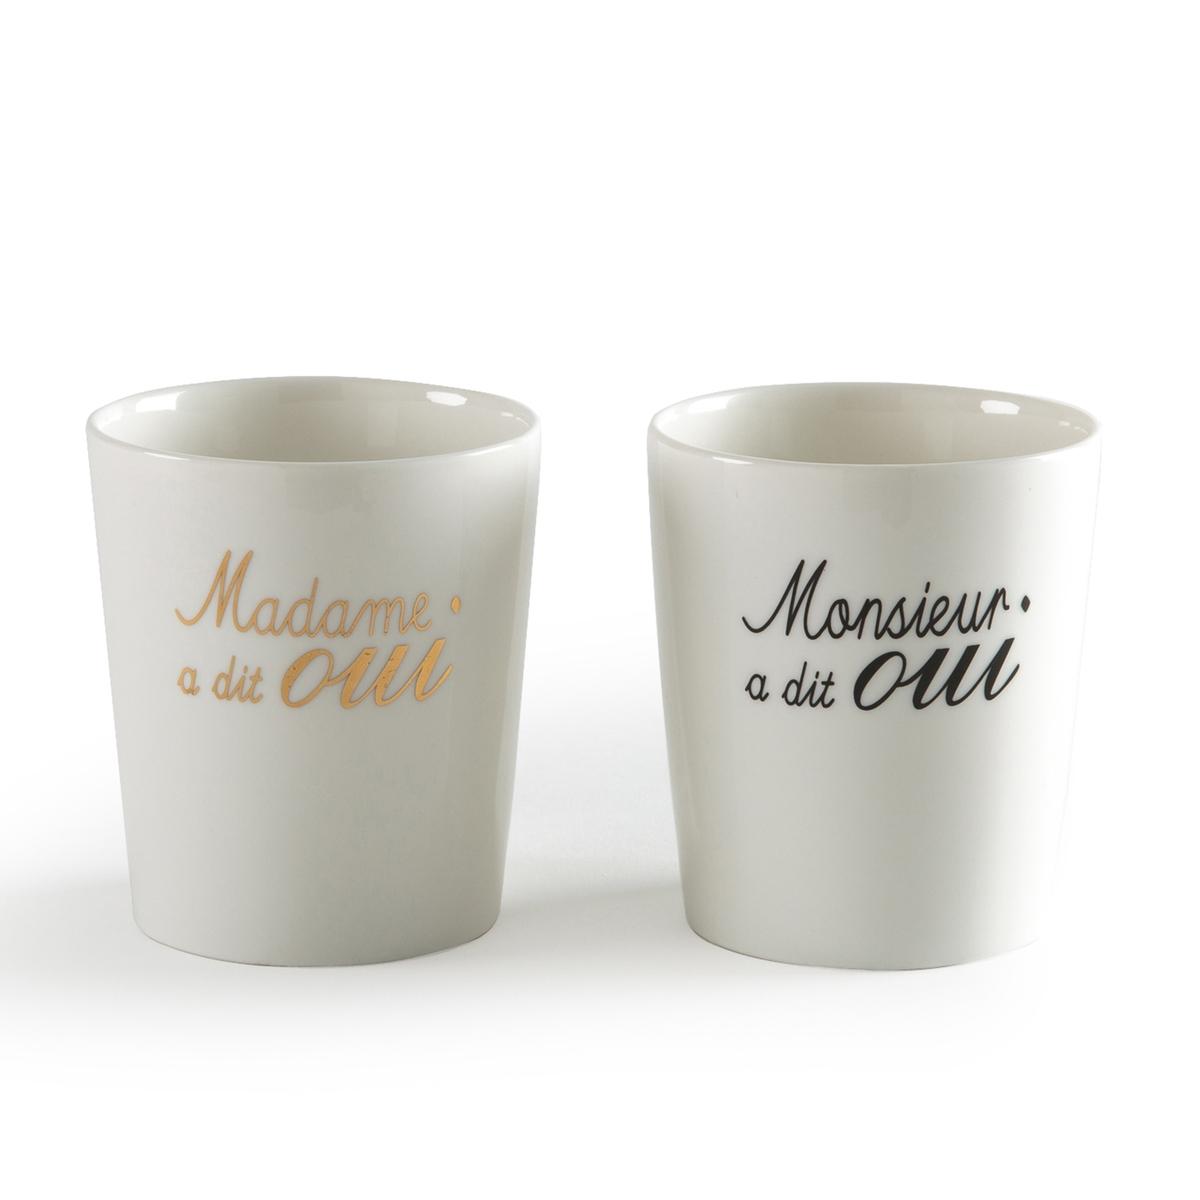 Confezione da 2 tazze sposi in porcellana